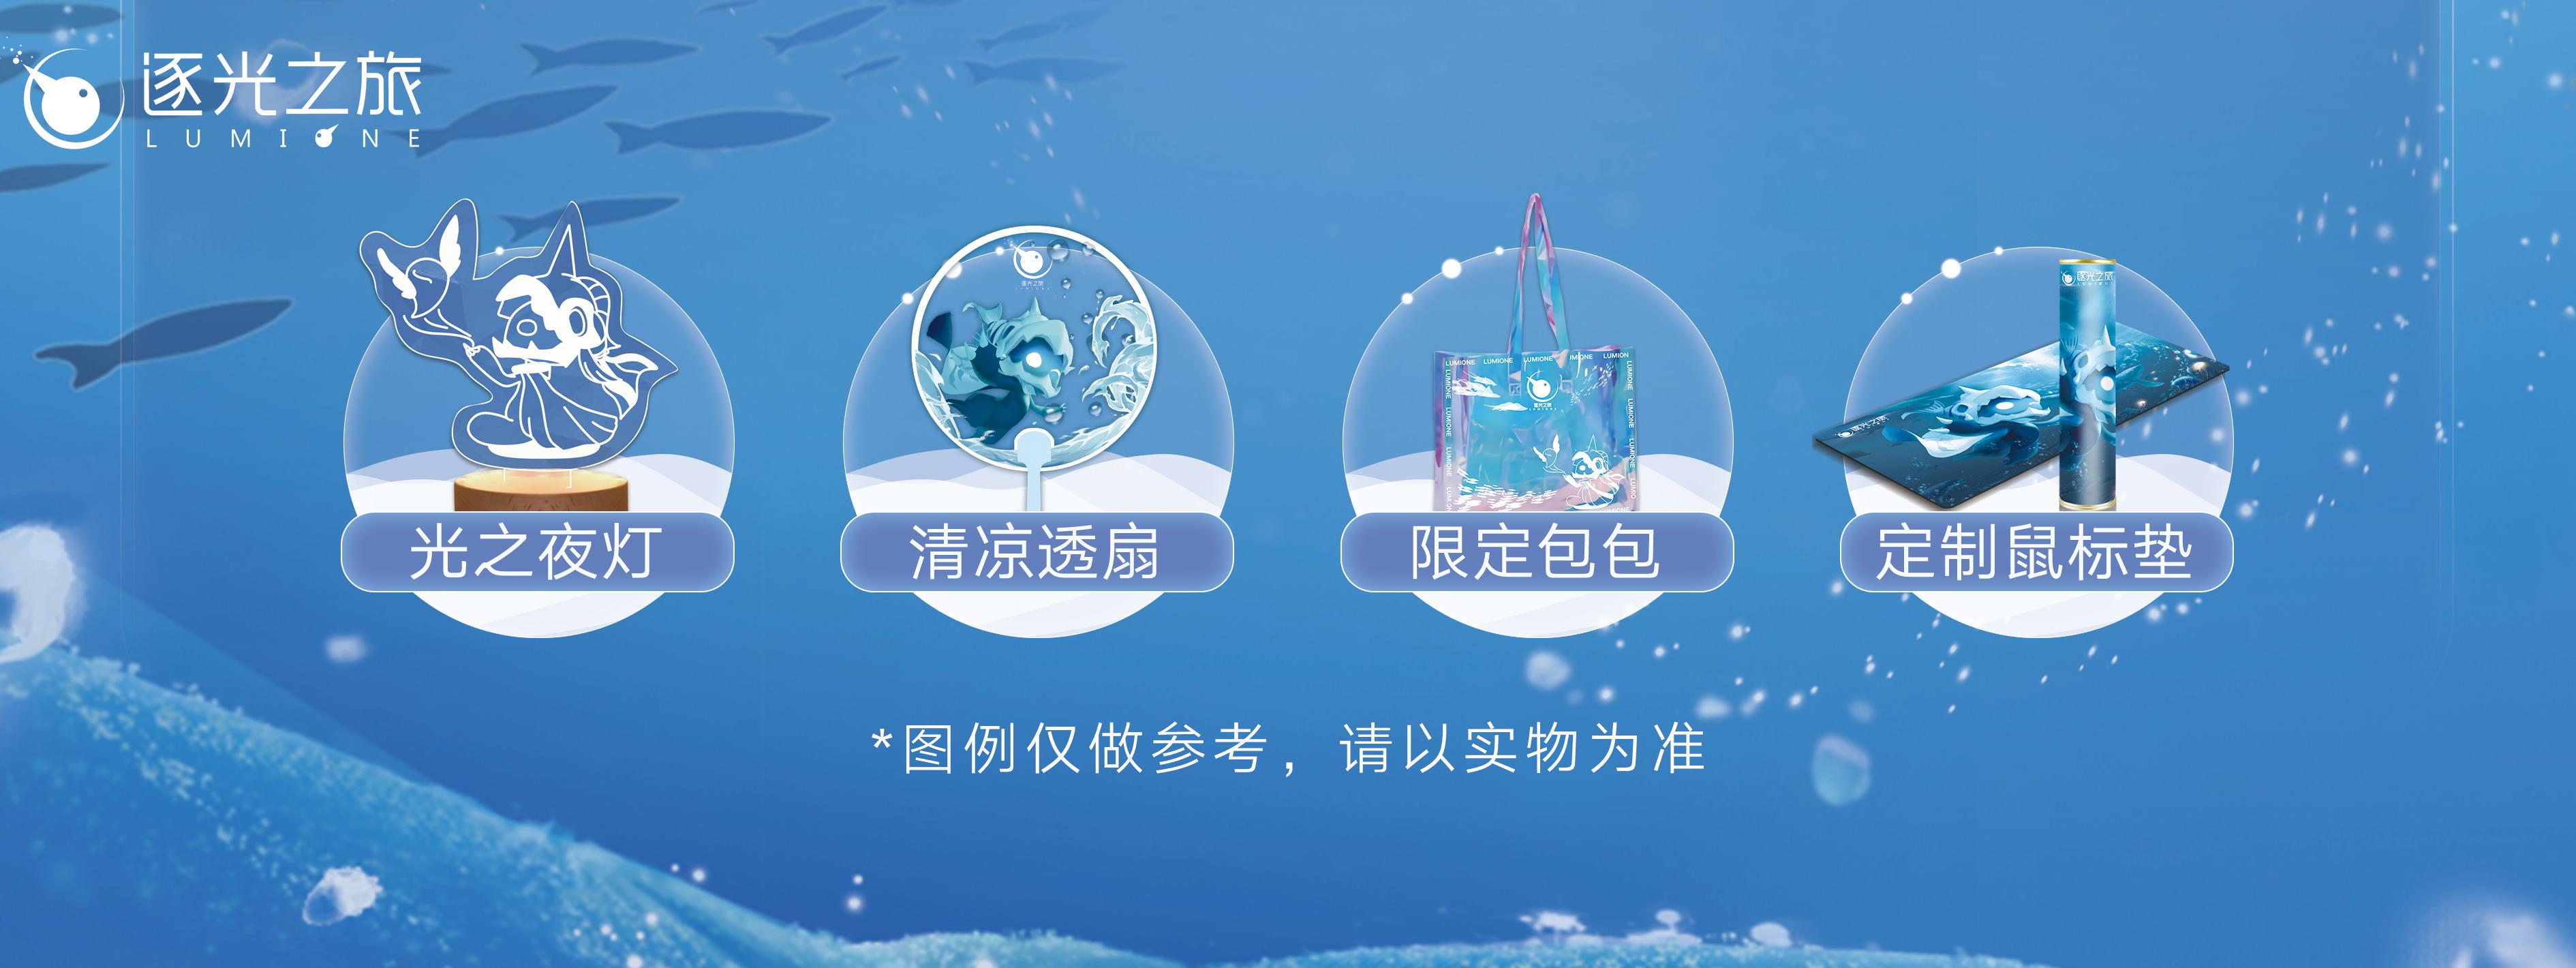 极难+极唯美=?深海唯美单机《逐光之旅》7月8日开放试玩